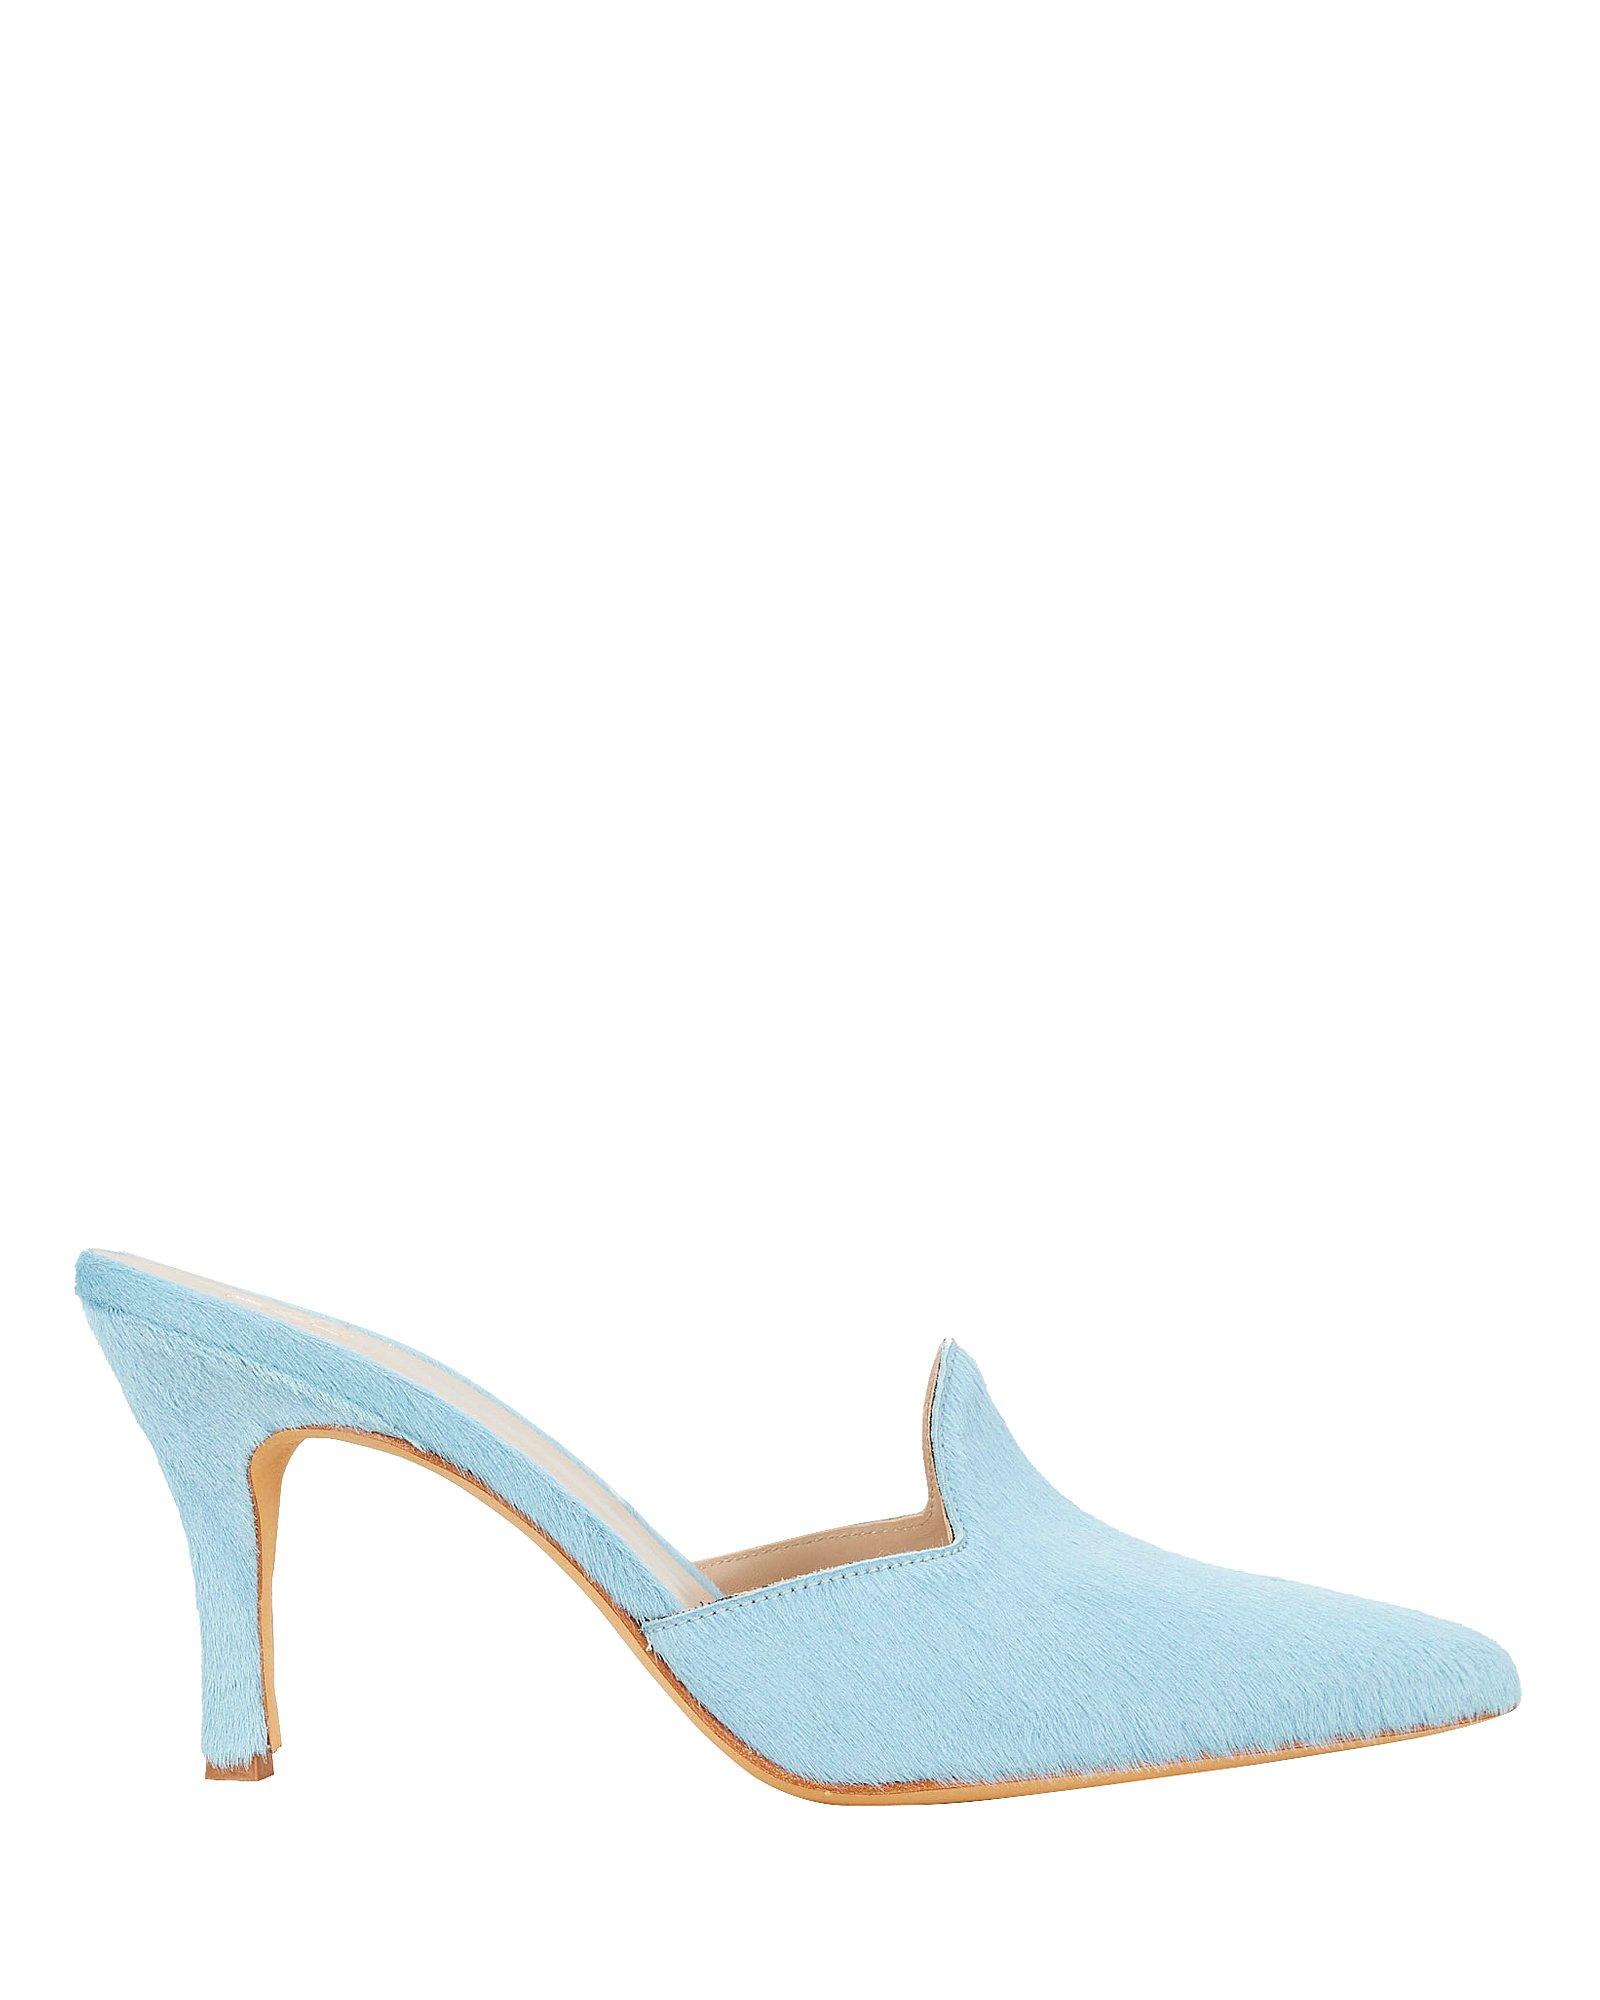 Pierre Haircalf Blue Mules